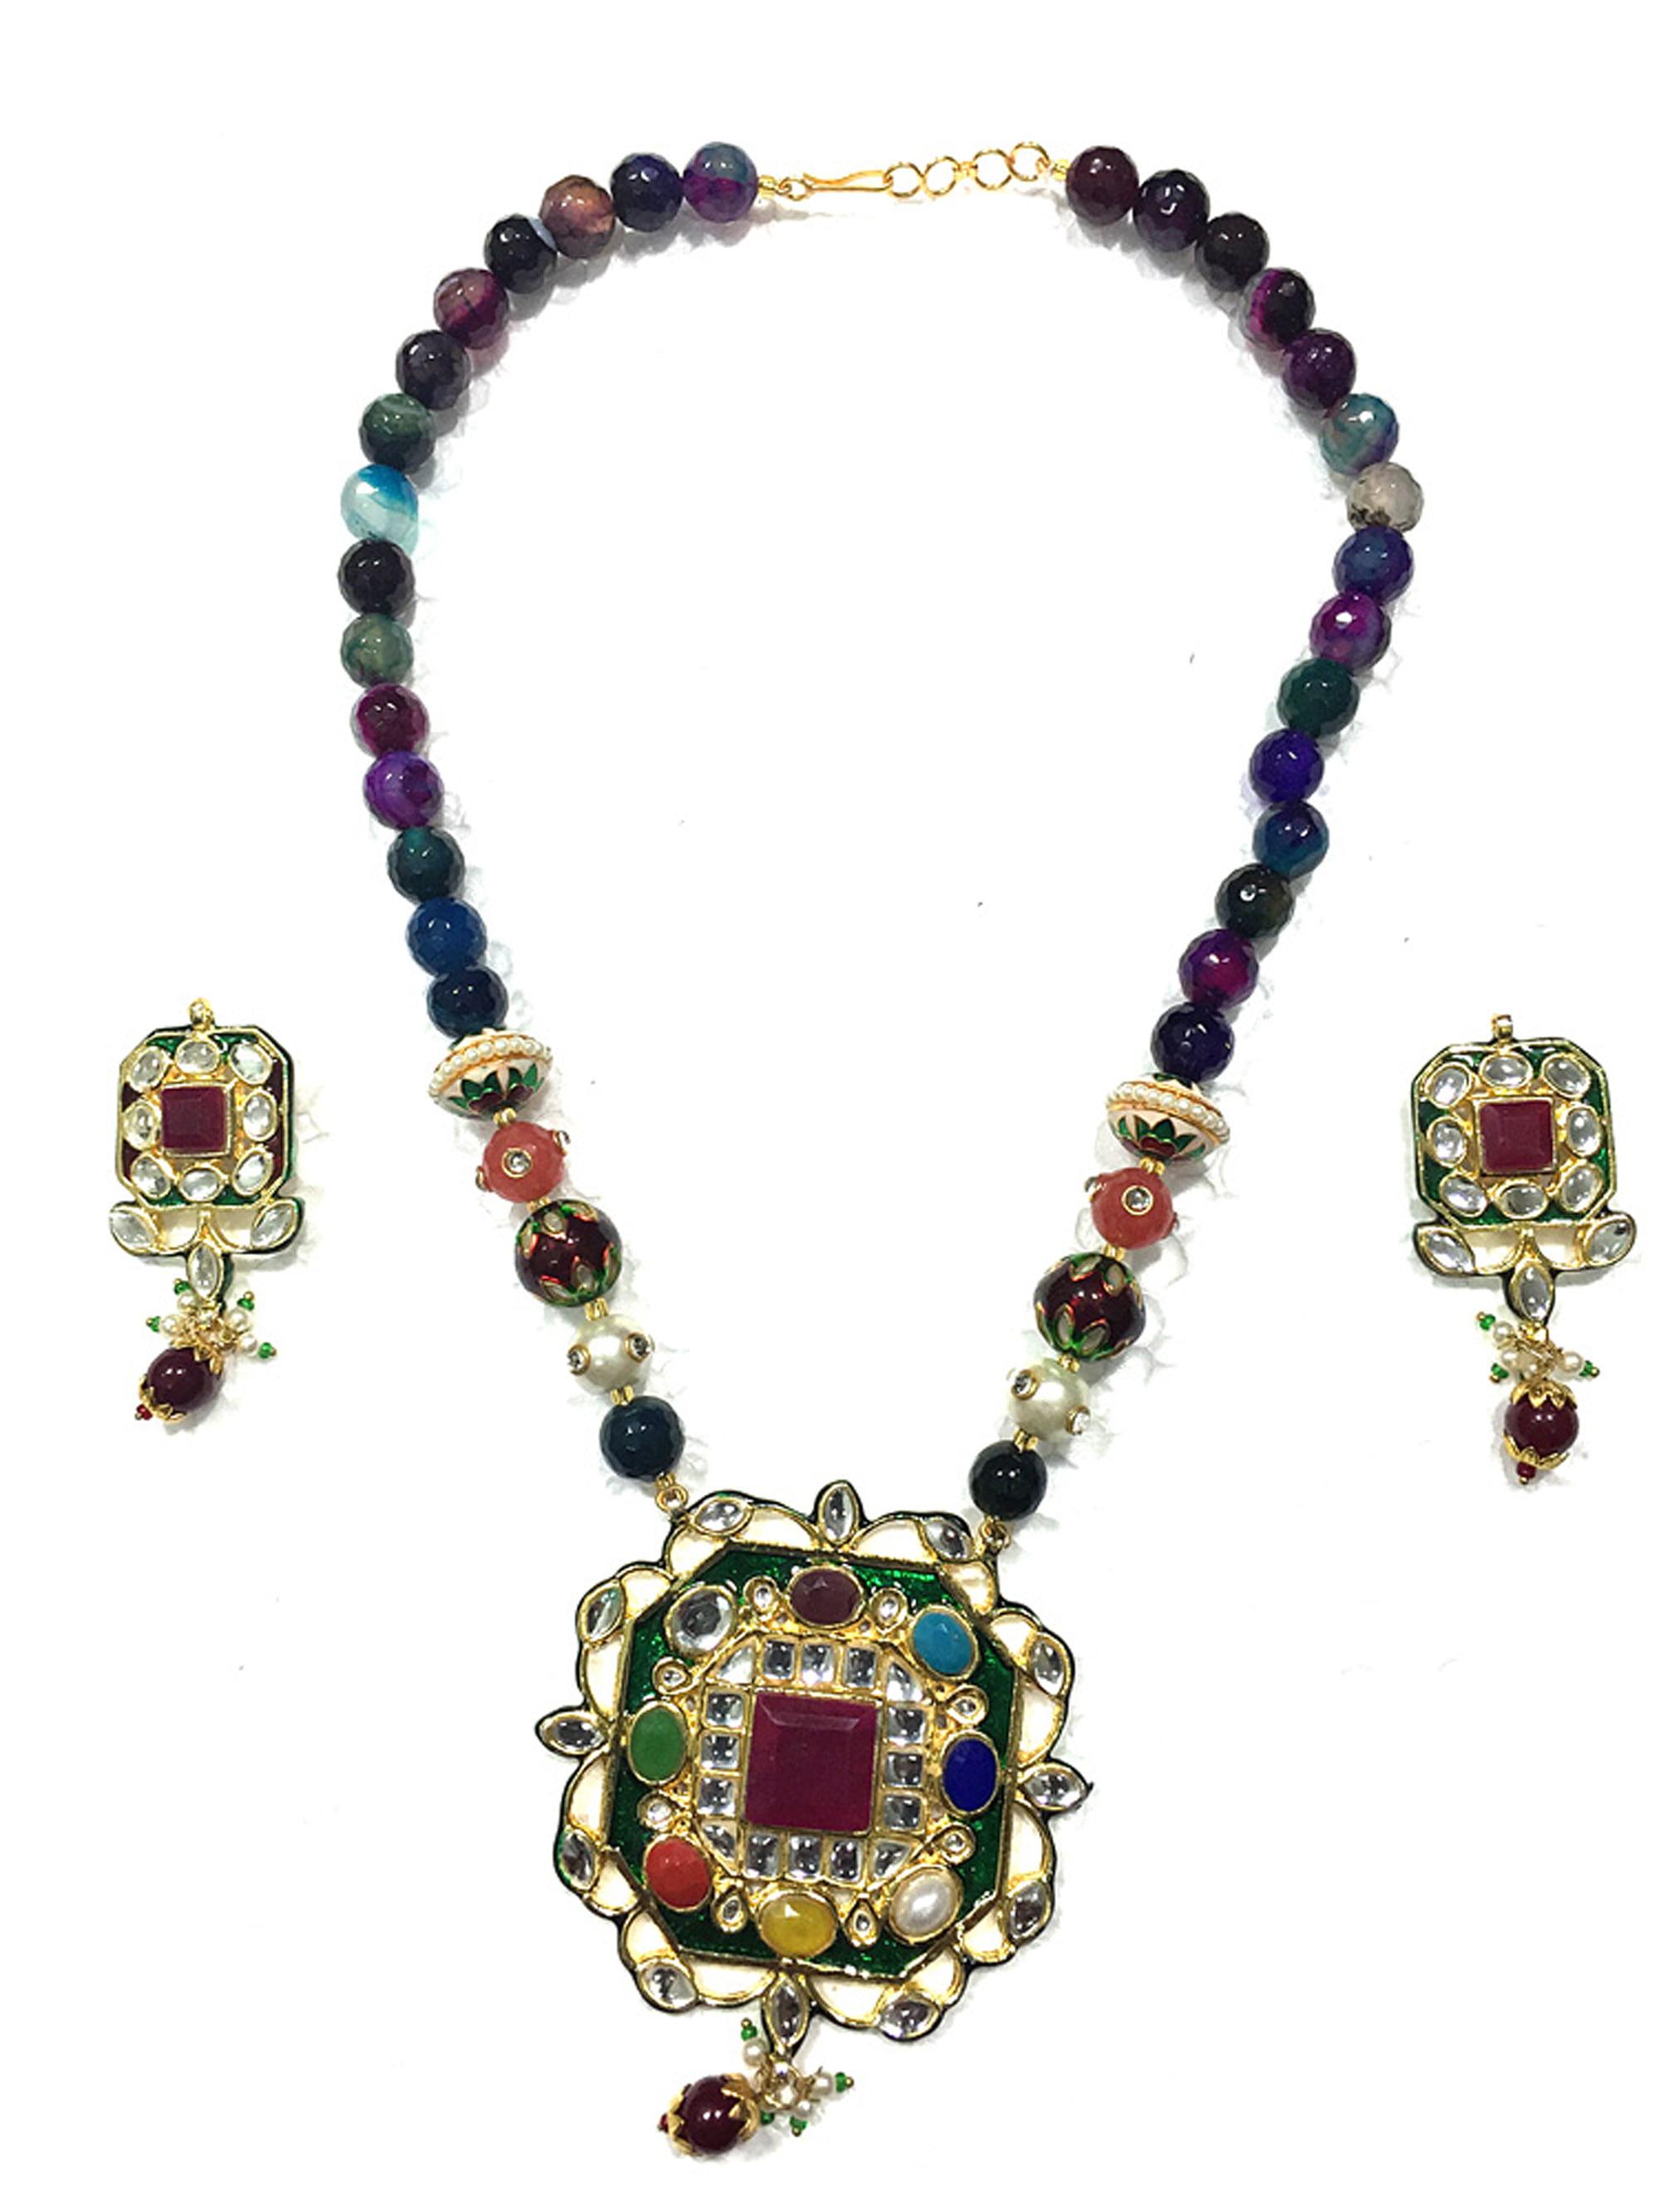 Mogul Women's Fashion Necklace TOURMALINE ARTISAN Pandant Jewelry Sets by